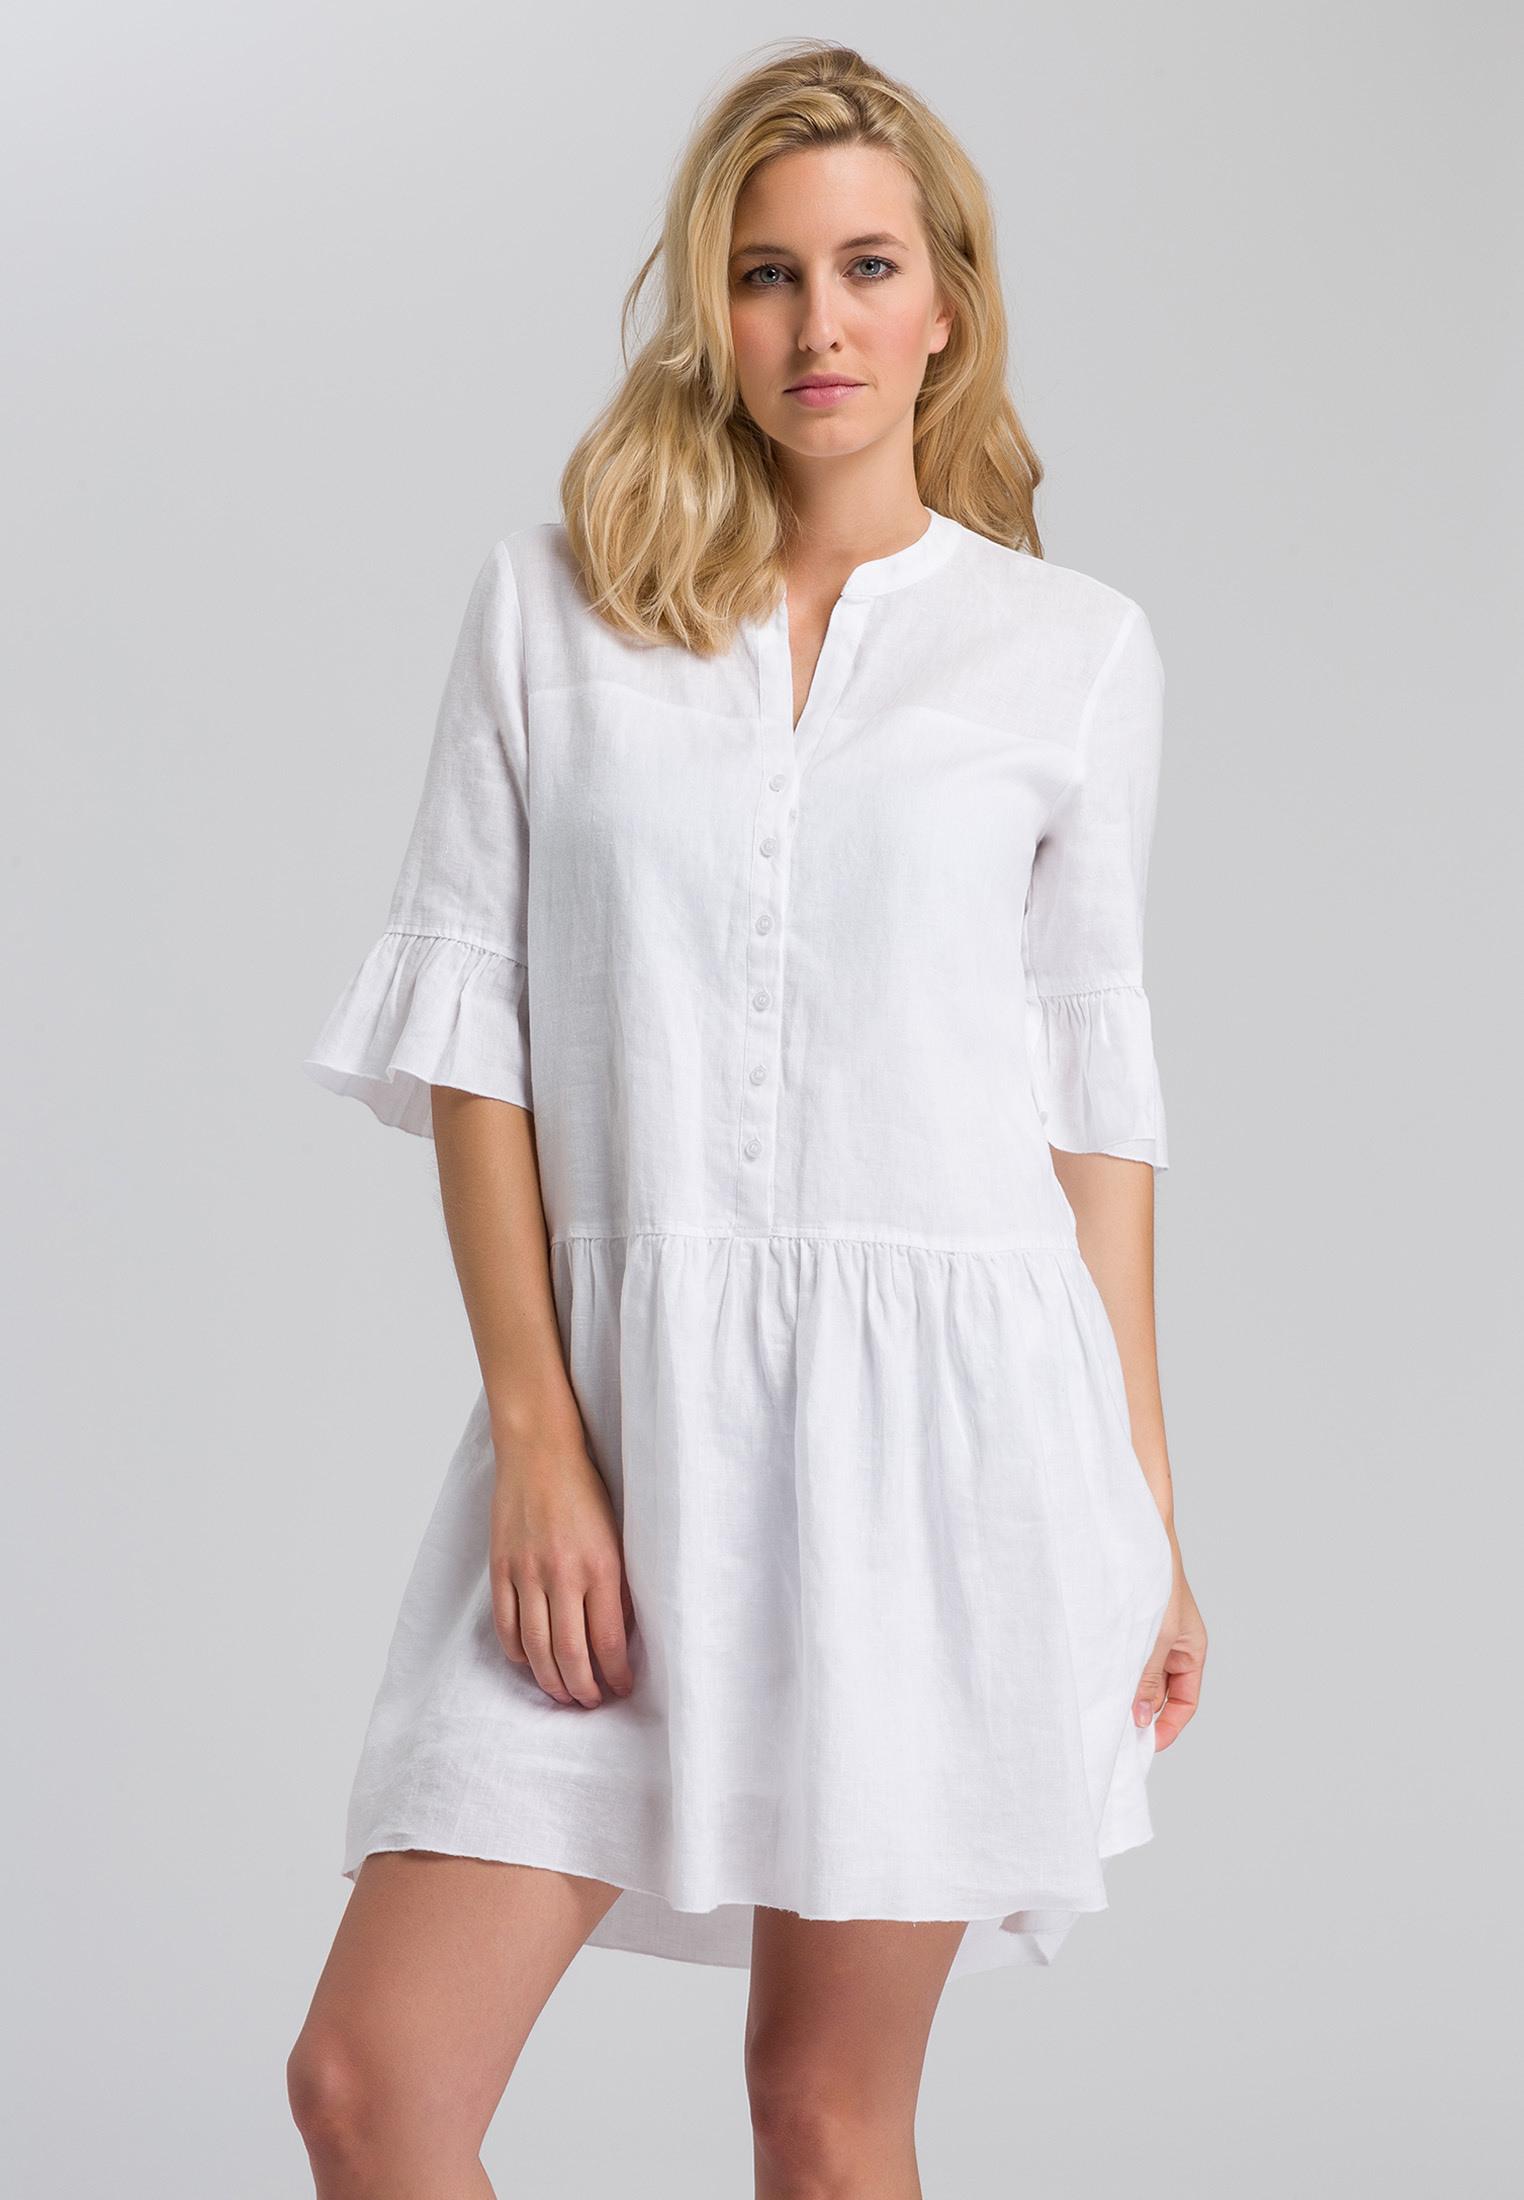 Kleid Aus Lässigem Leinen  Kleider  Röcke  Sale